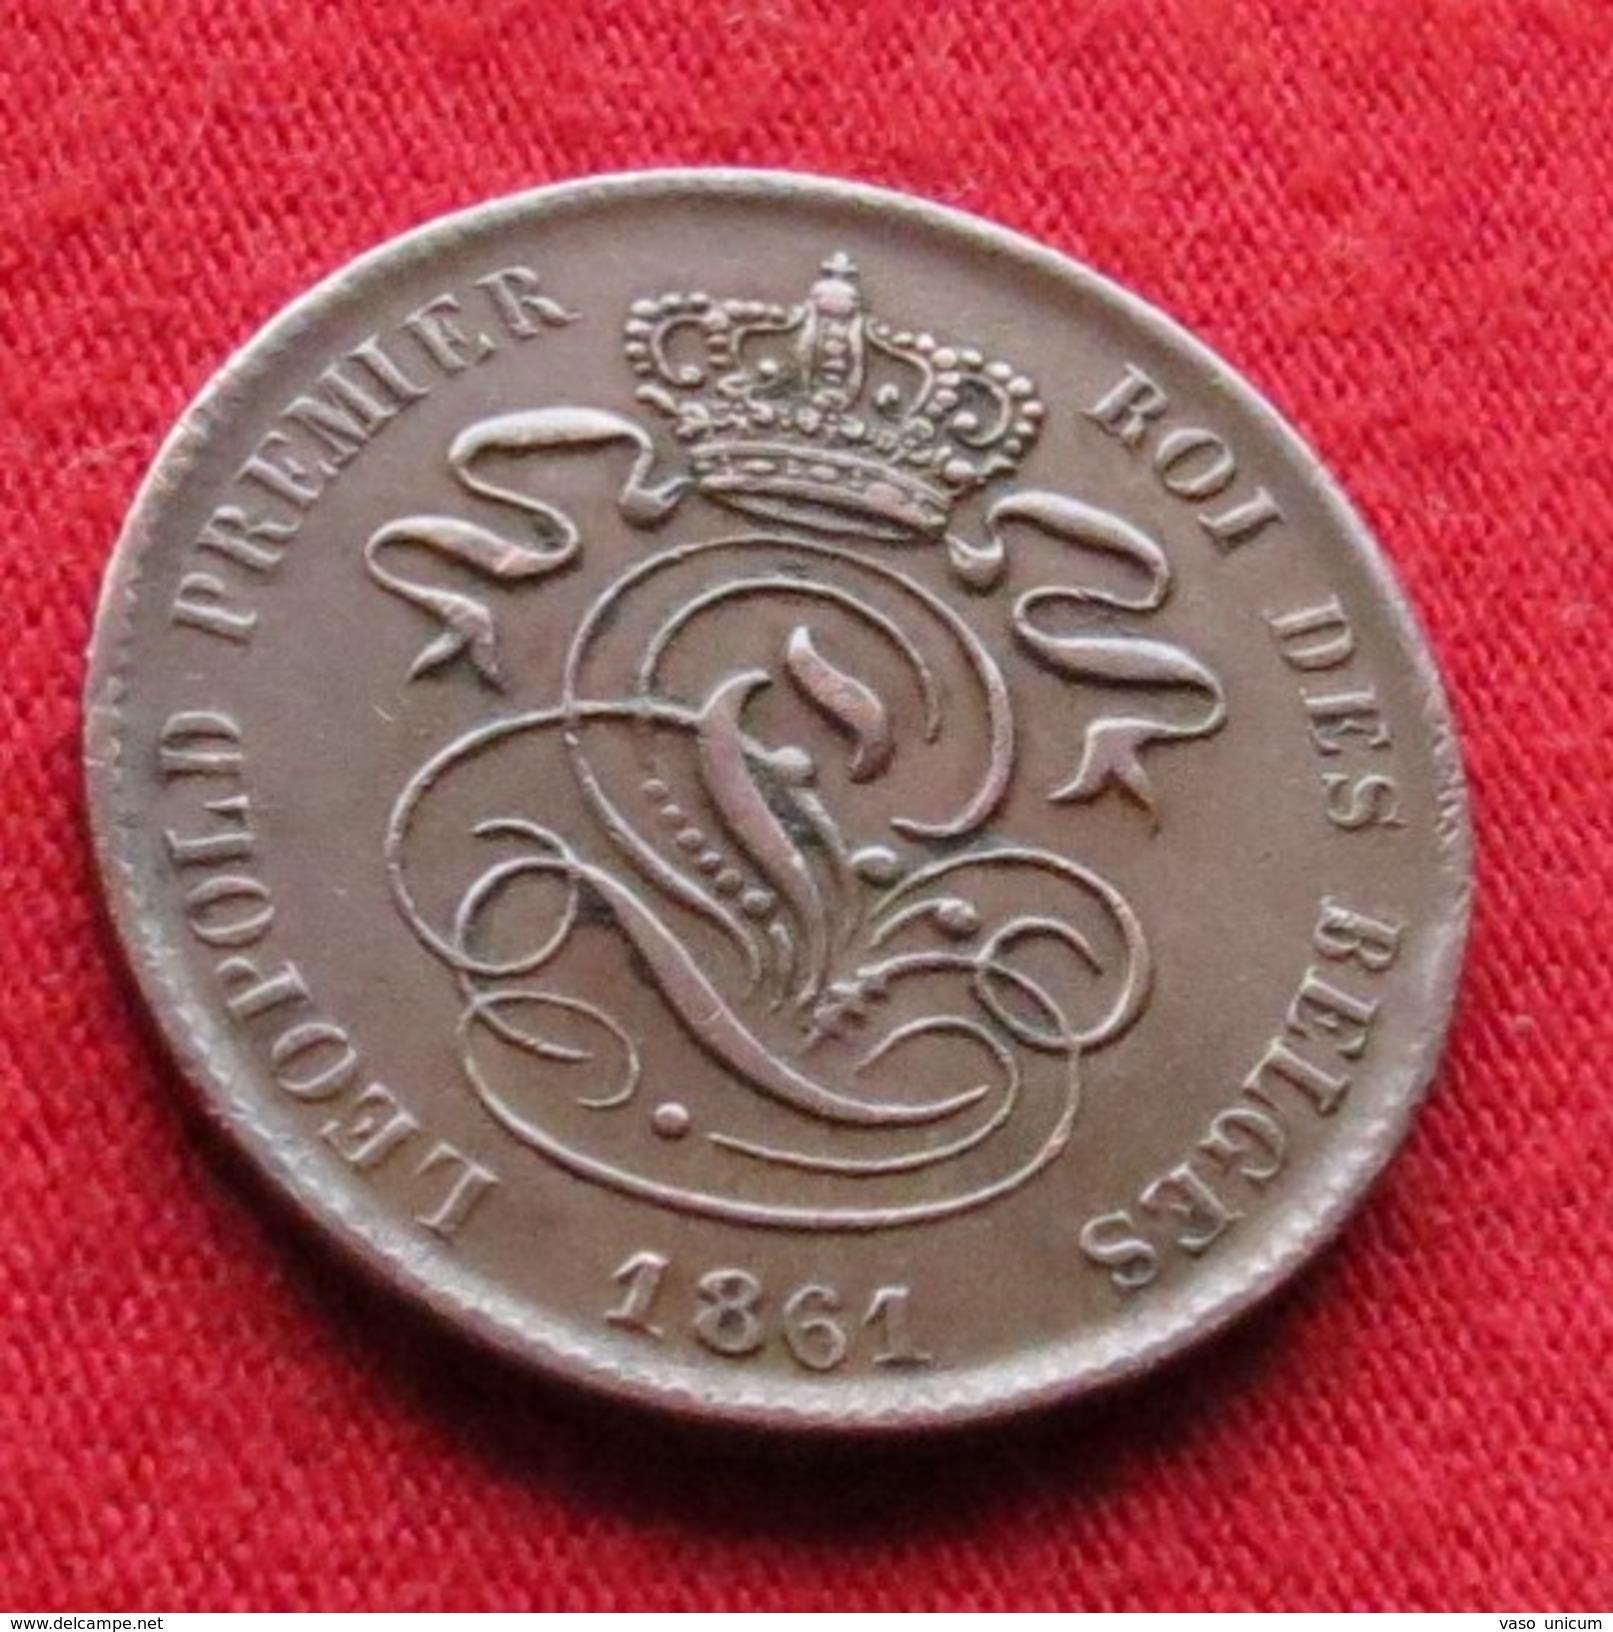 Belgium 2 Centimes 1861 Belgica Belgique Belges Belgien - Belgique